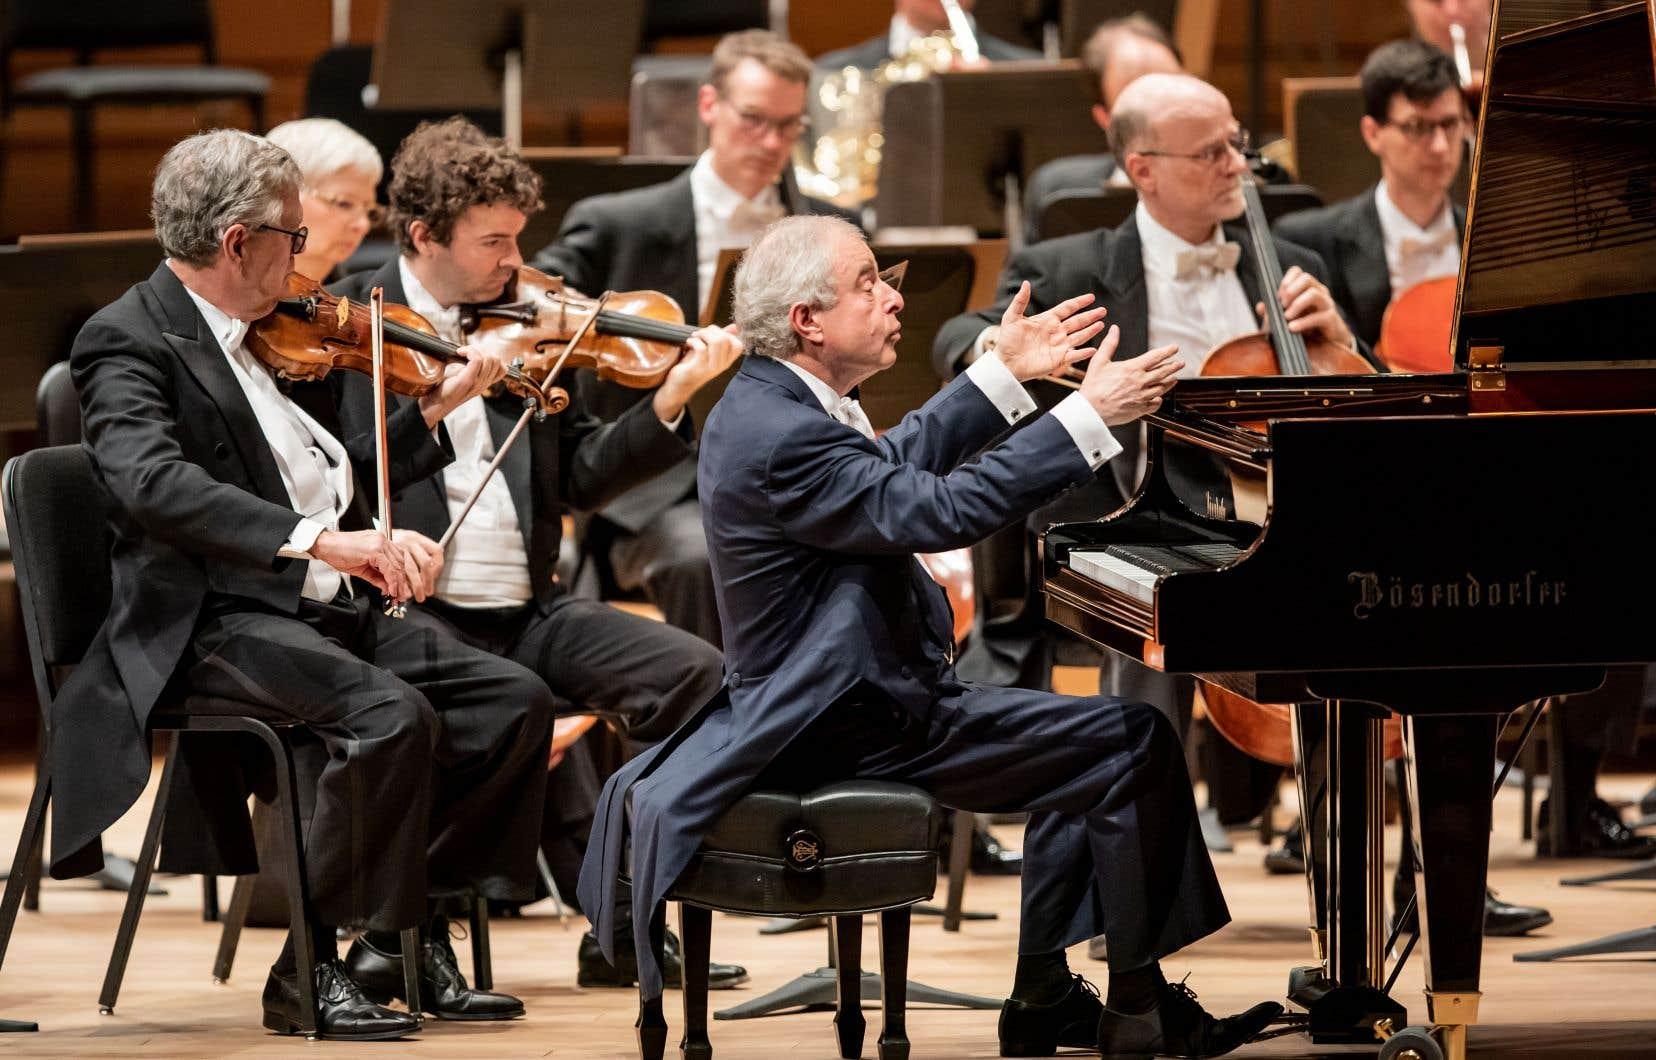 András Schiff partage la scène avec un orchestre, qu'il dirige, selon le titre du concert.